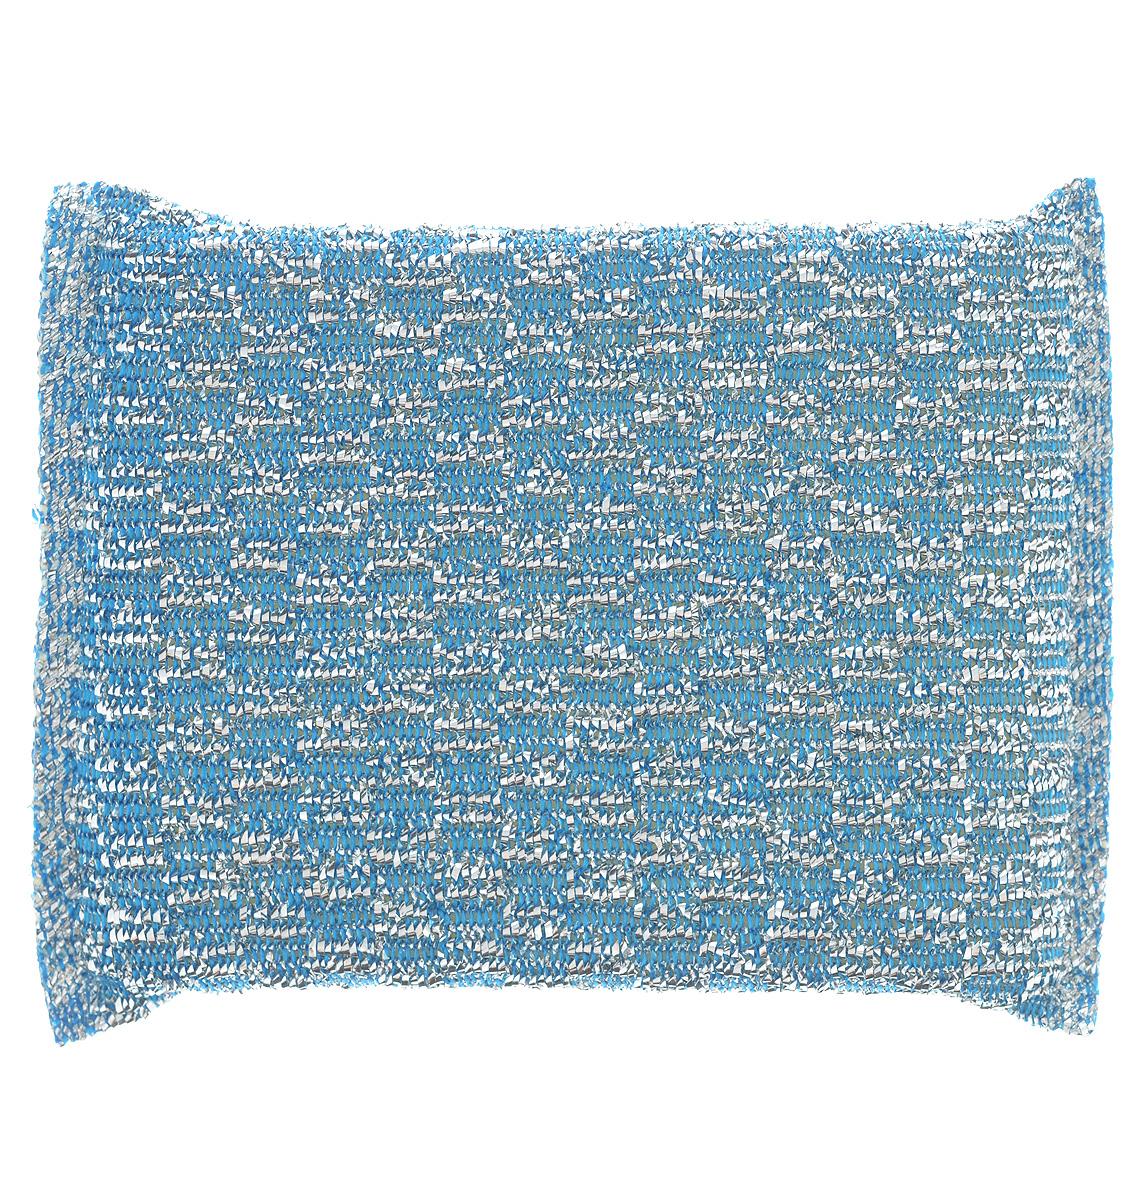 Губка для мытья посуды Home Queen, с металлизированной нитью, цвет: синийPANTERA SPX-2RSГубка для мытья посуды Home Queen изготовлена из поролона в чехле из полипропиленовой металлизированной нити. Предназначена для мытья посуды и очистки сильно загрязненных кухонных поверхностей. Удобна в применении. Позволяет экономить моющее средство, благодаря структуре поролона, который дает много пены при использовании.Материал: полипропиленовая металлизированная нить, поролон.